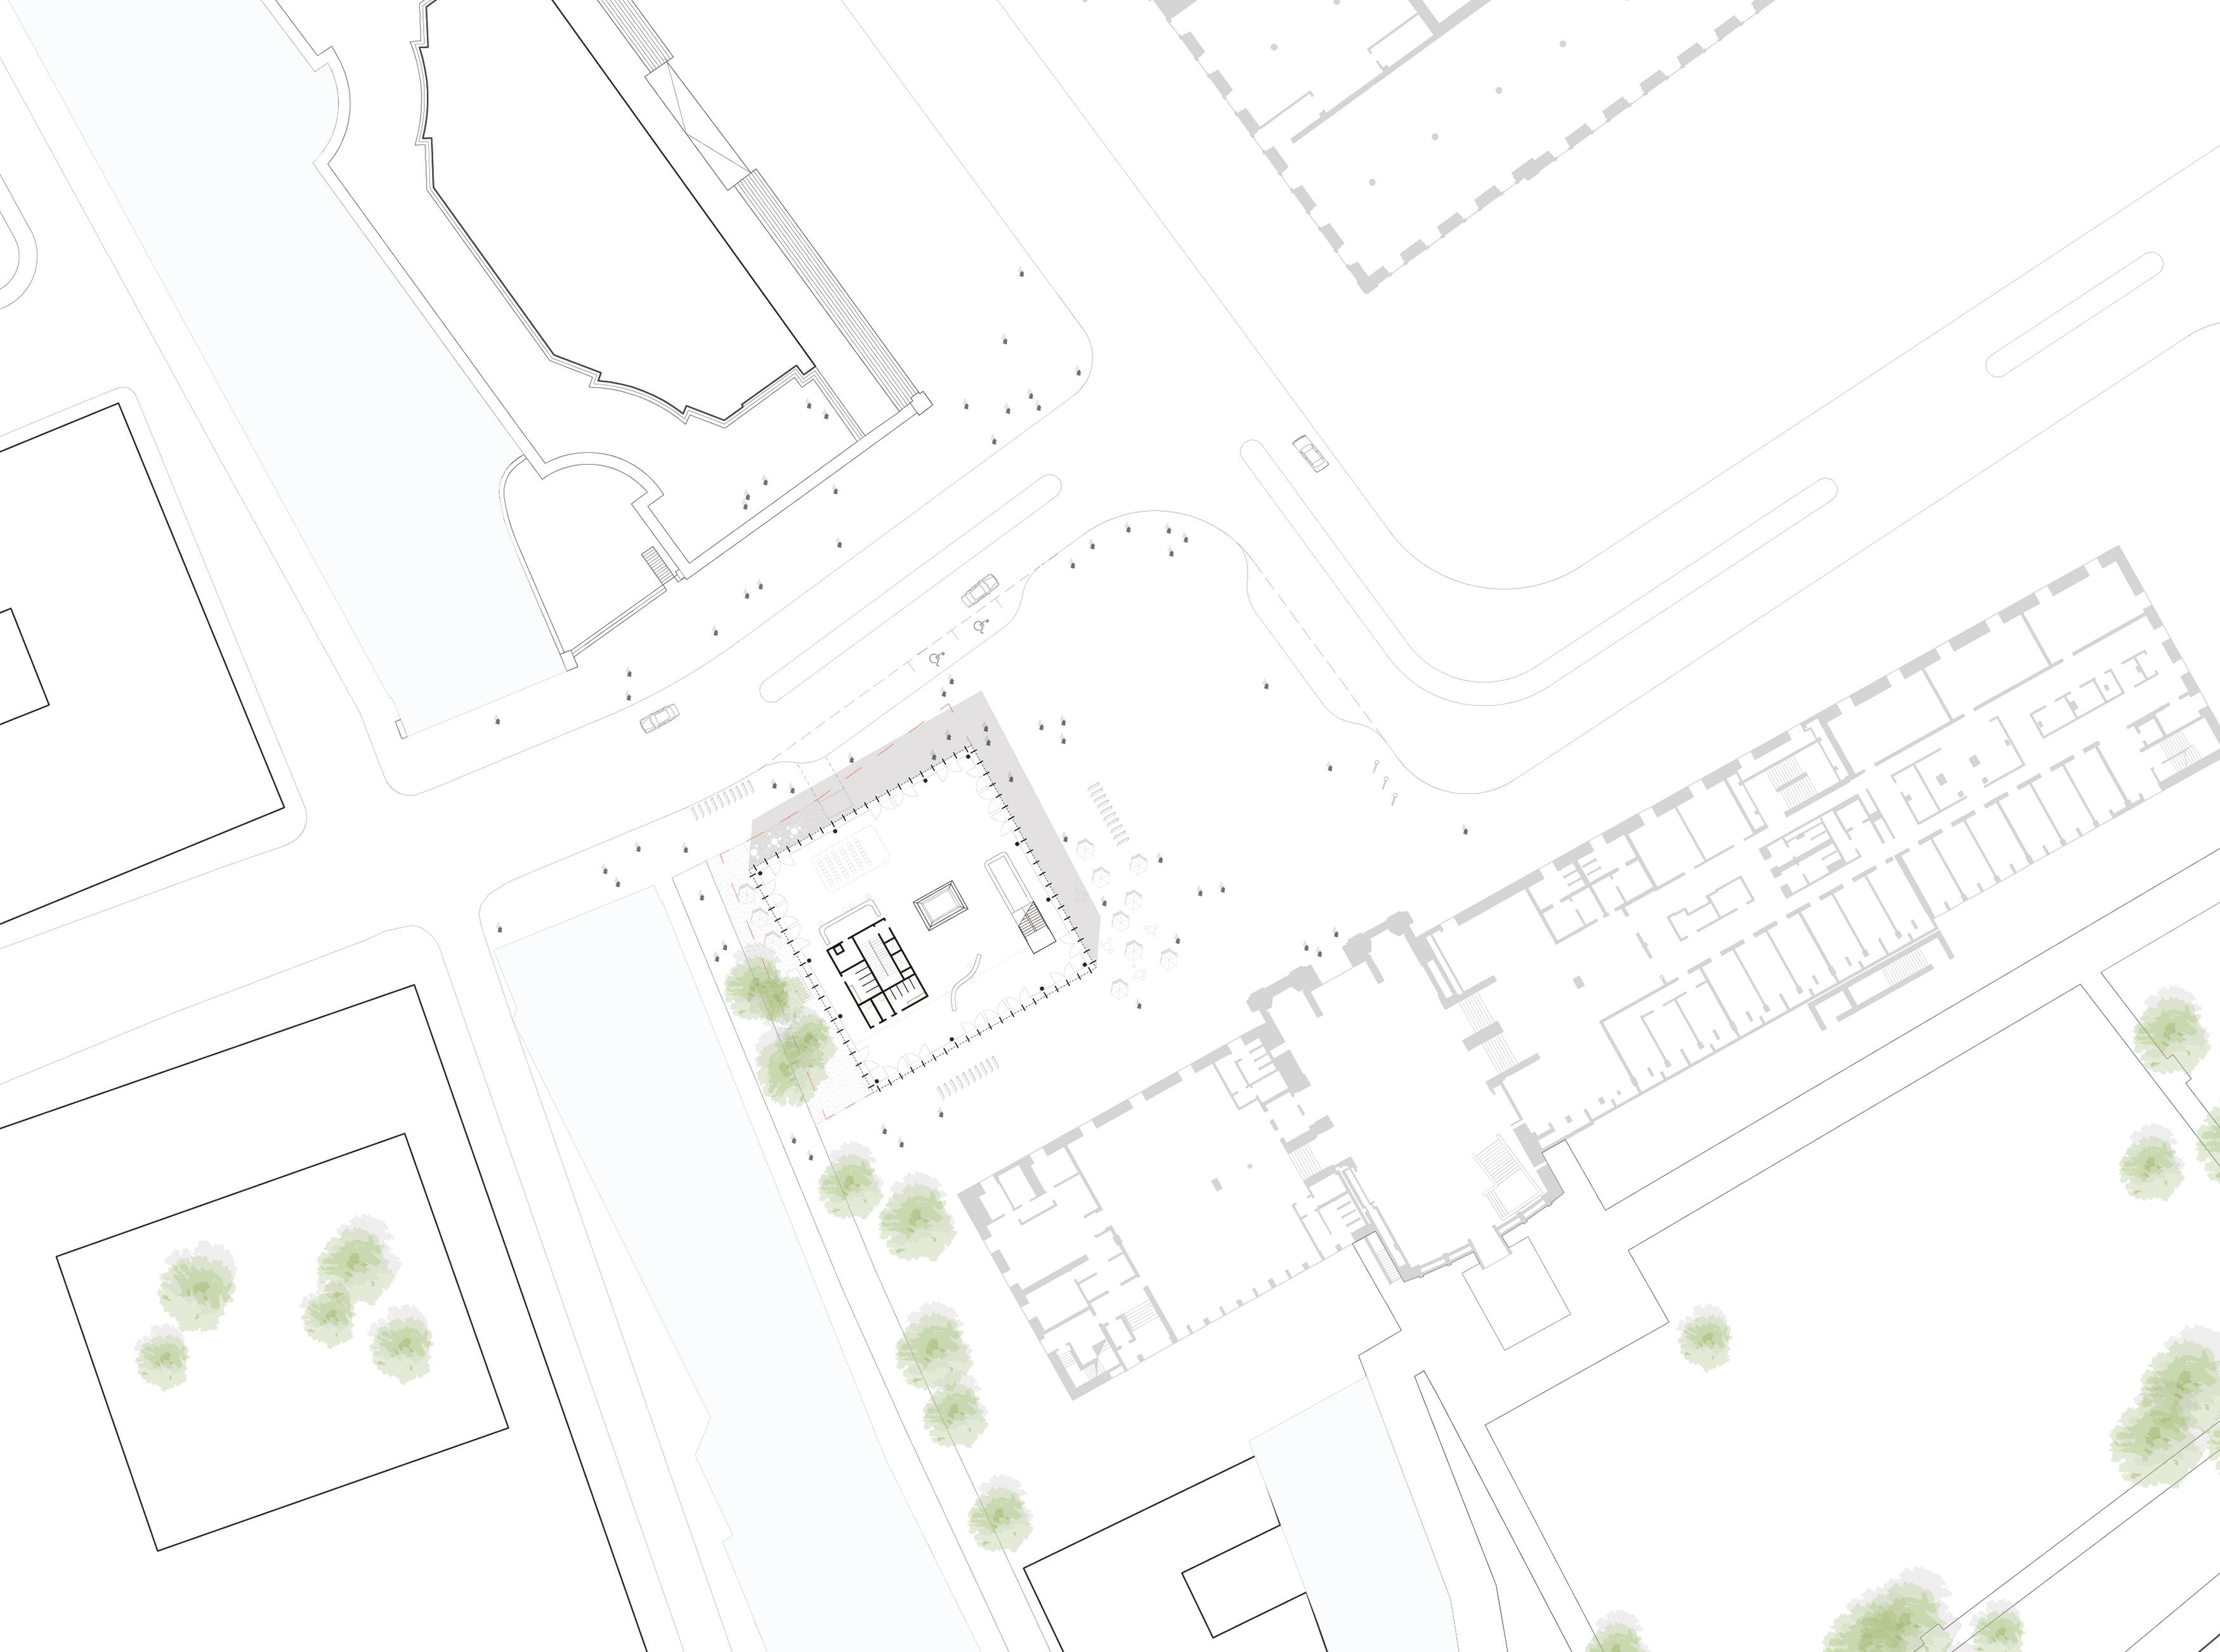 Erdgeschossplan_1_500_A1_2